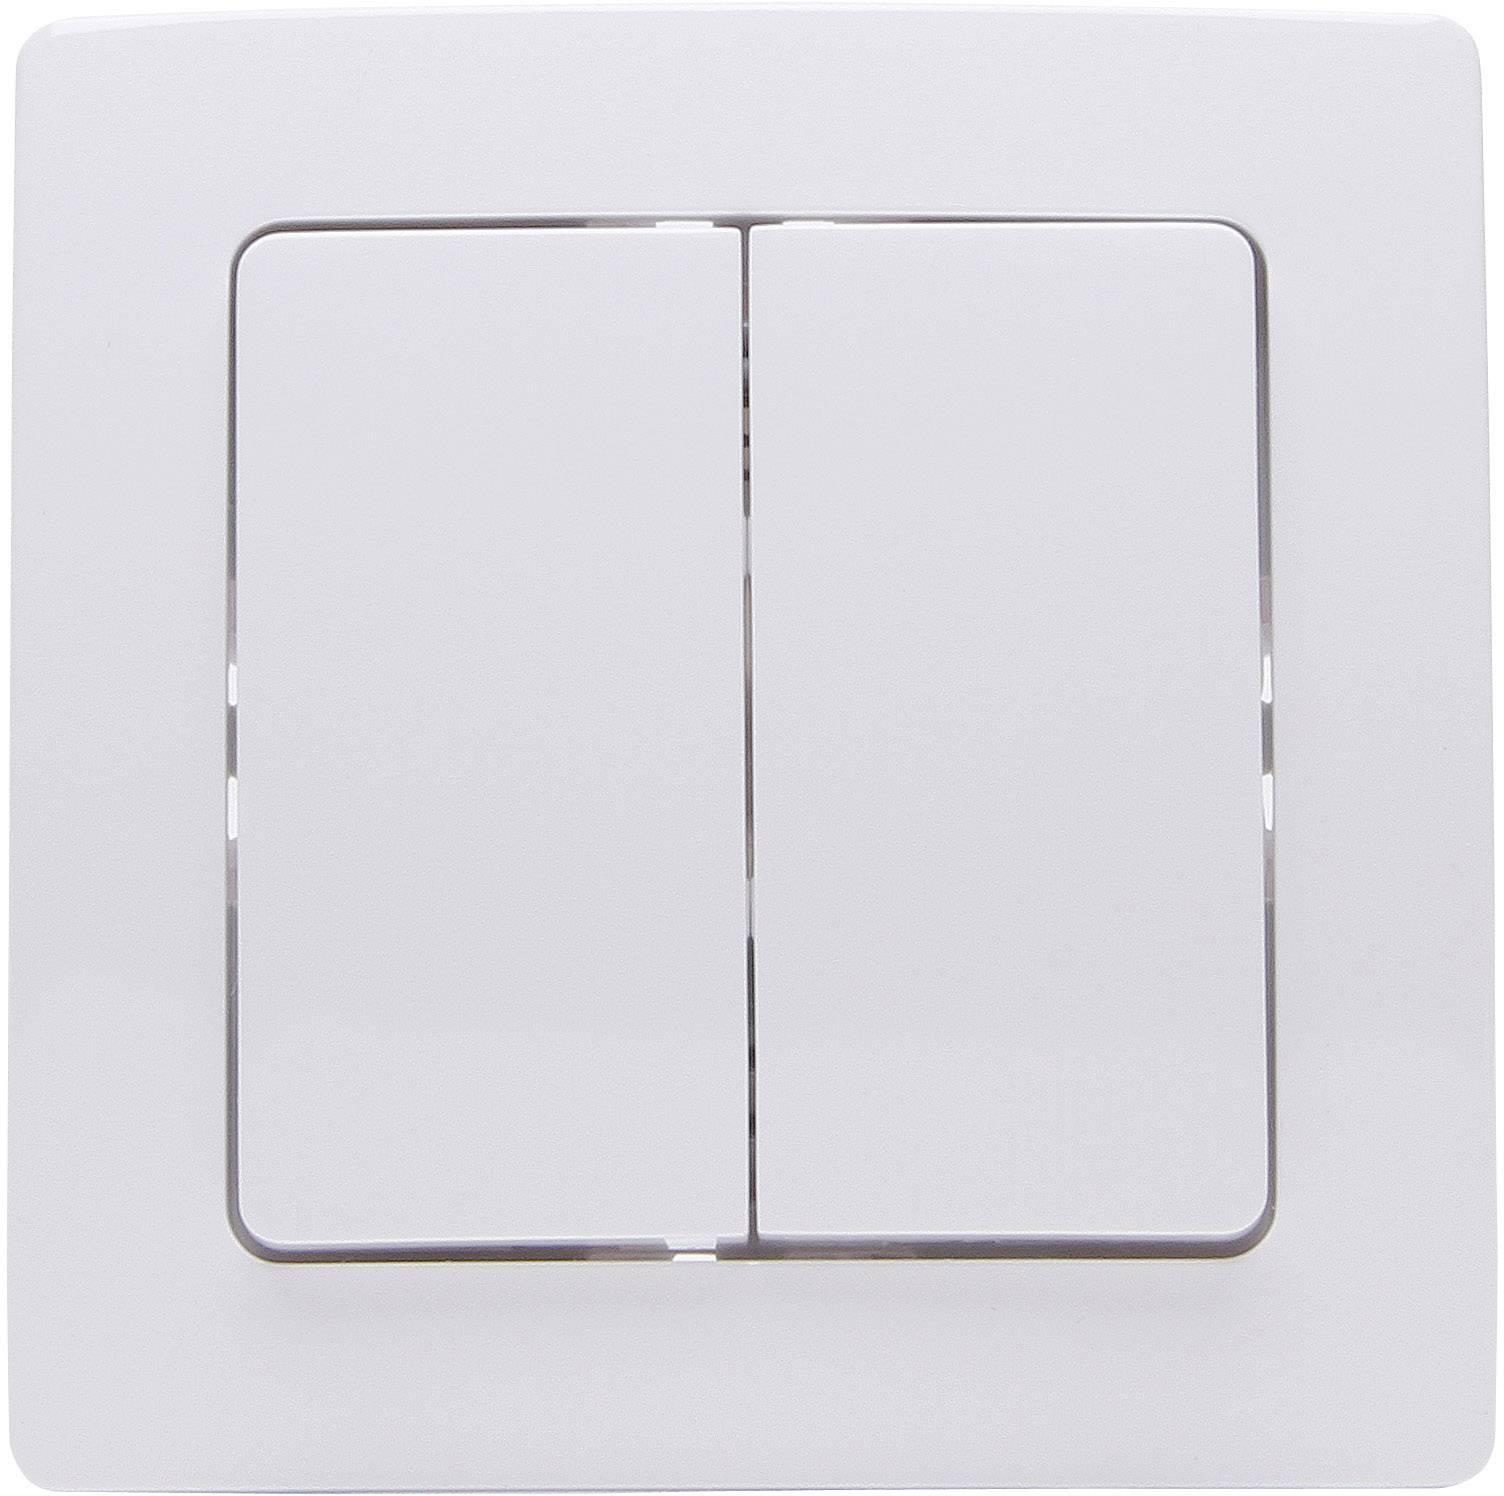 Bezdrôtový nástenný spínač Kopp Free Control FC HK 05 2/4 822102029, 4-kanálový, arktická biela